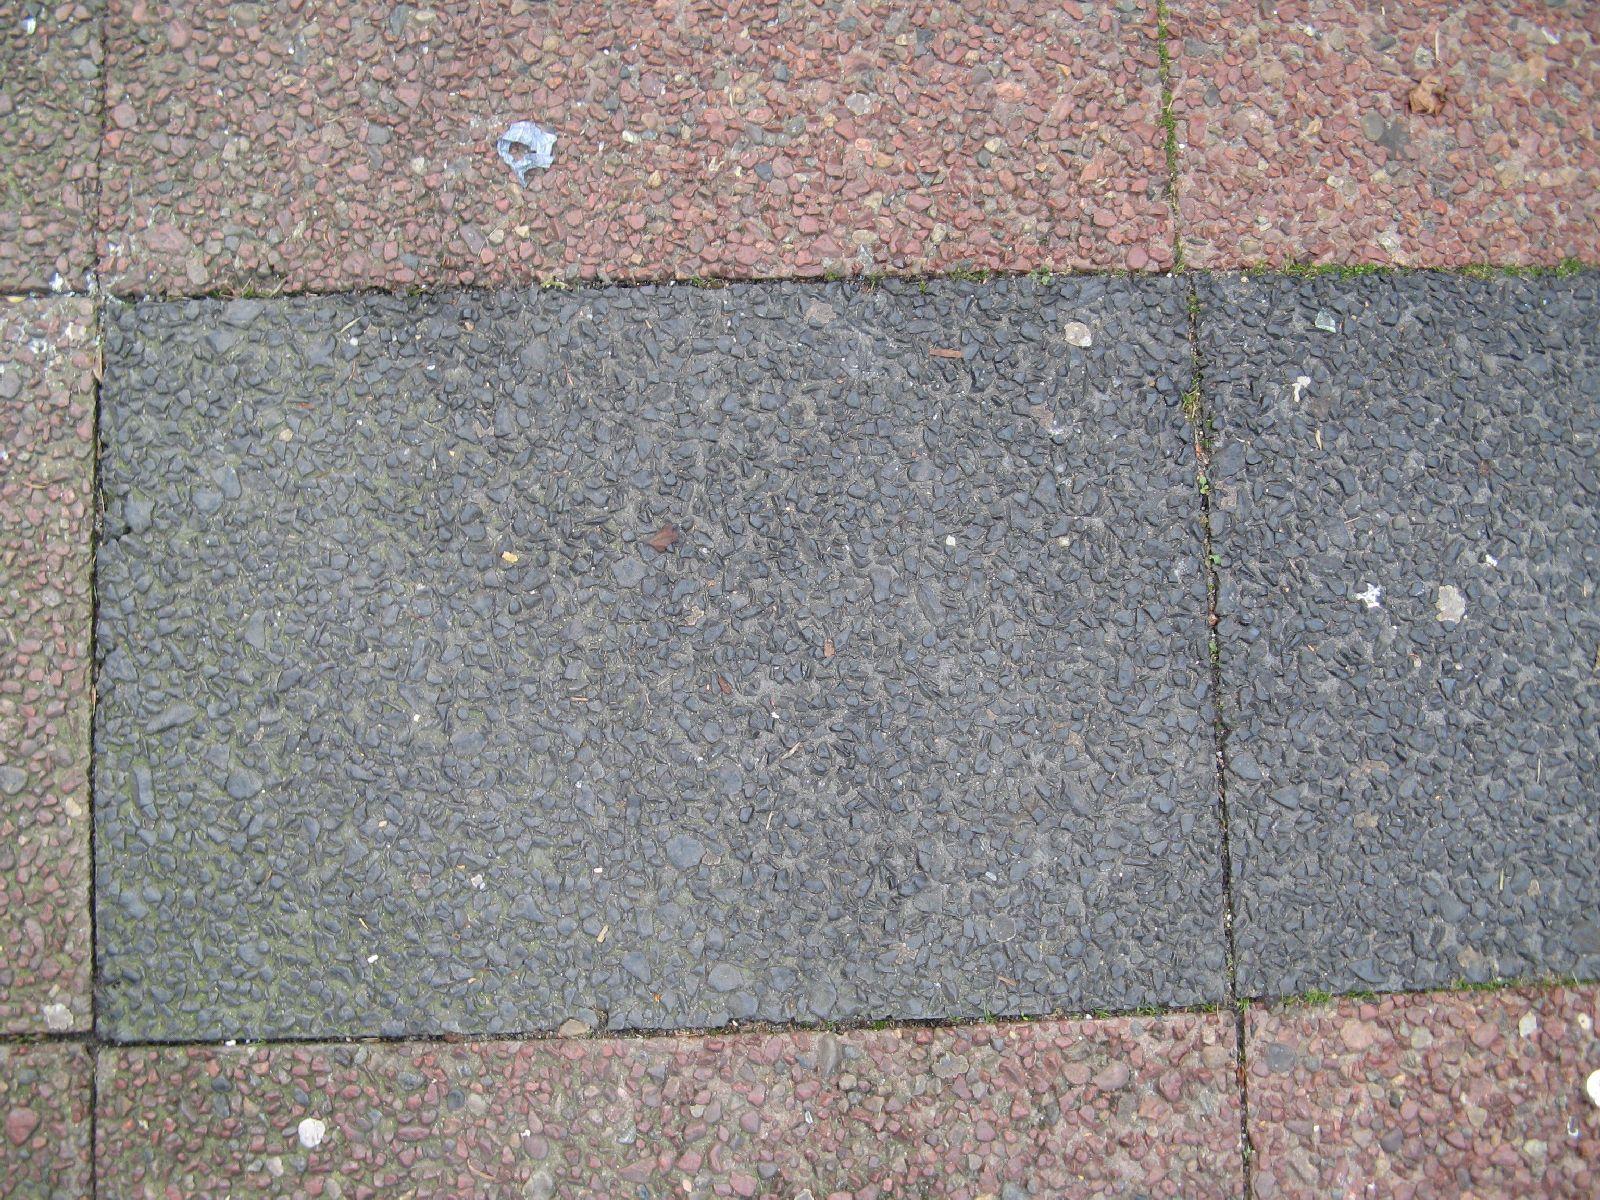 Boden-Gehweg-Strasse-Buergersteig-Textur_B_0730